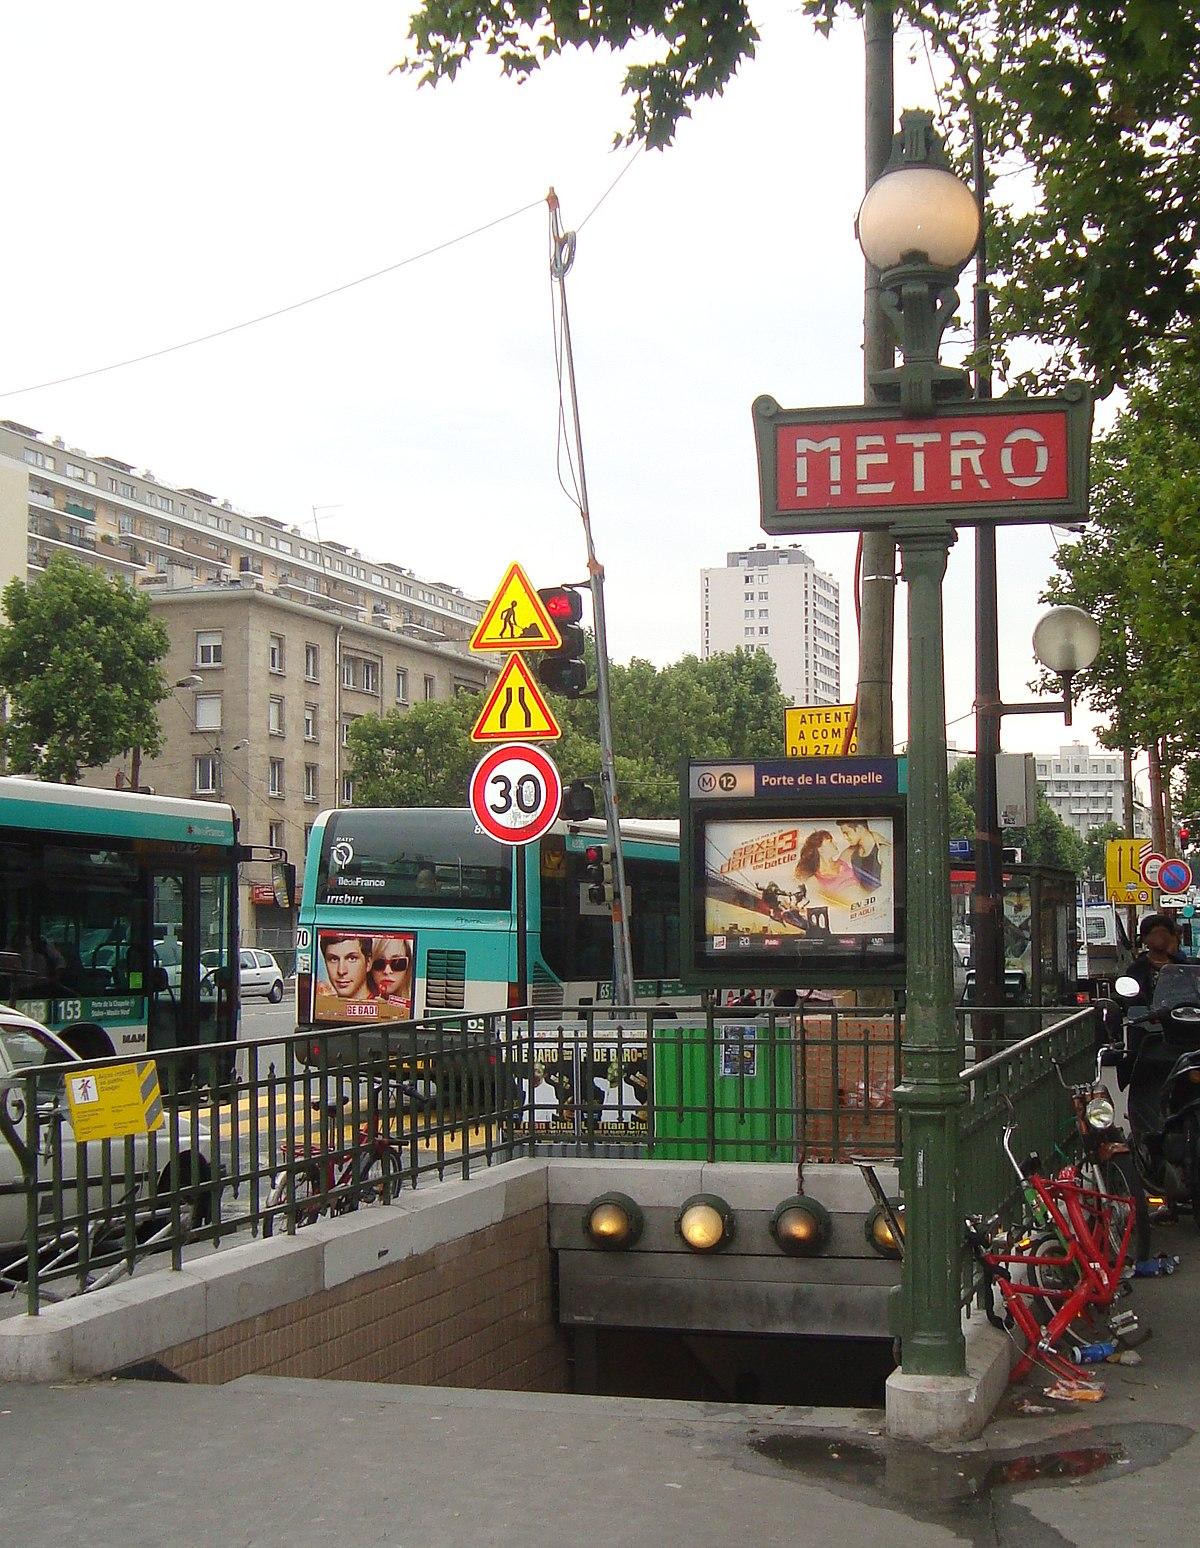 بورت دو لاشابال مترو باريس ويكيبيديا الموسوعة الحرة